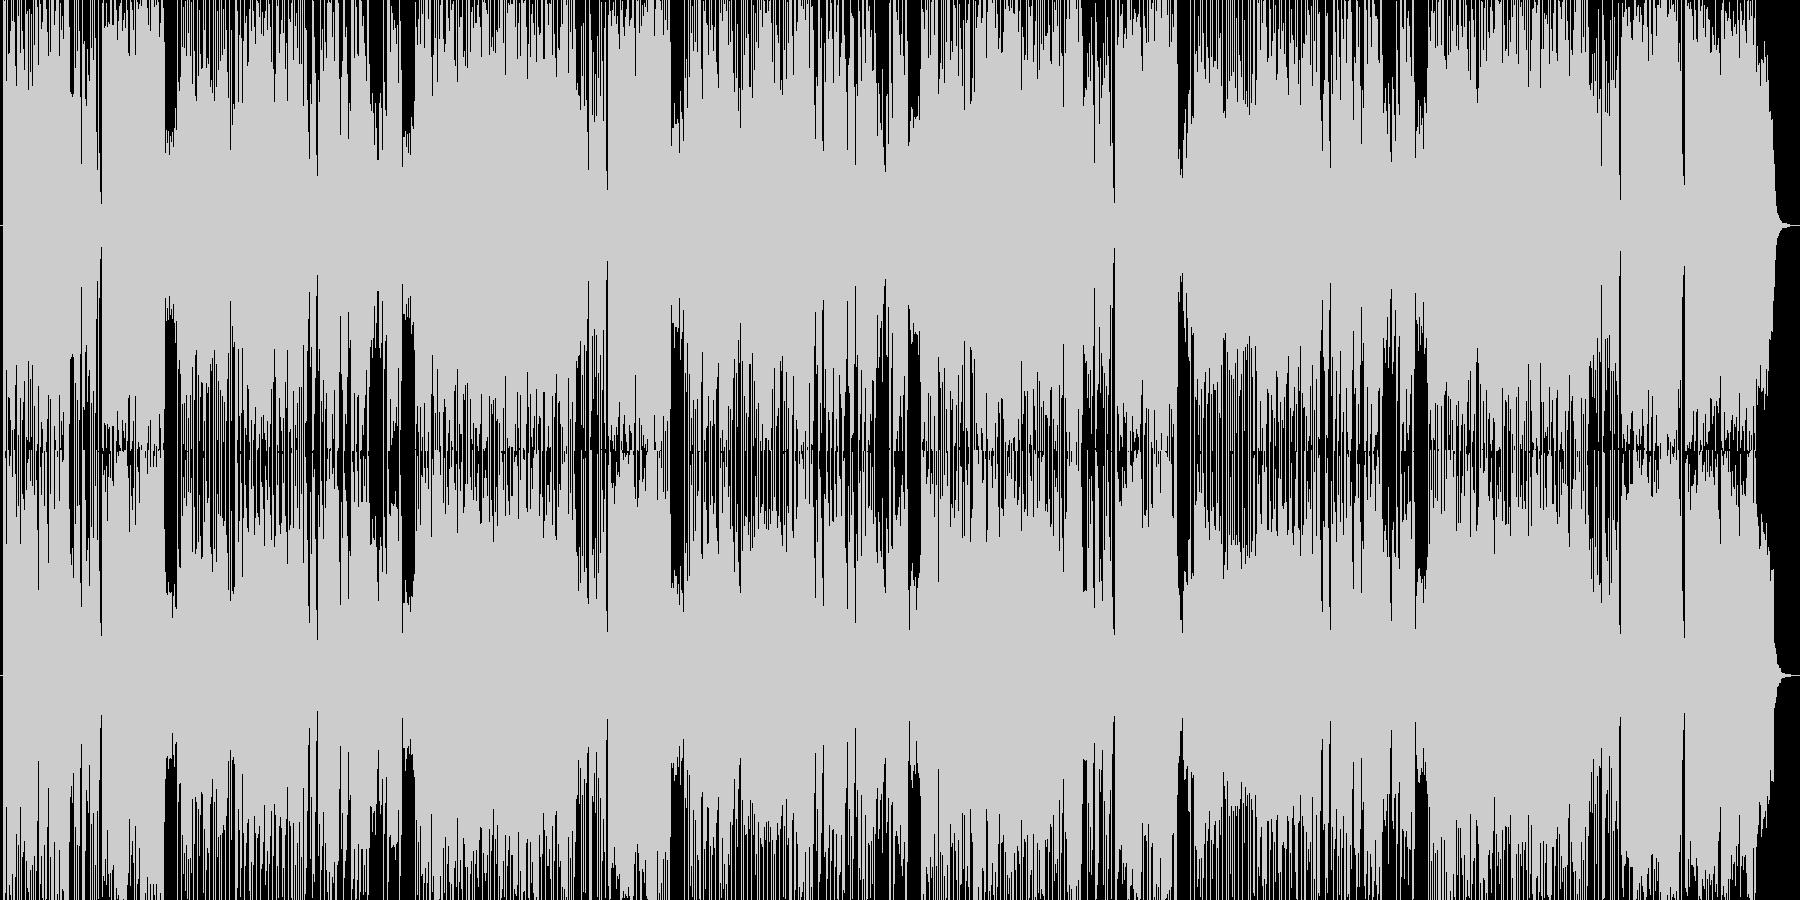 ほのぼの軽快な演歌風の楽曲の未再生の波形